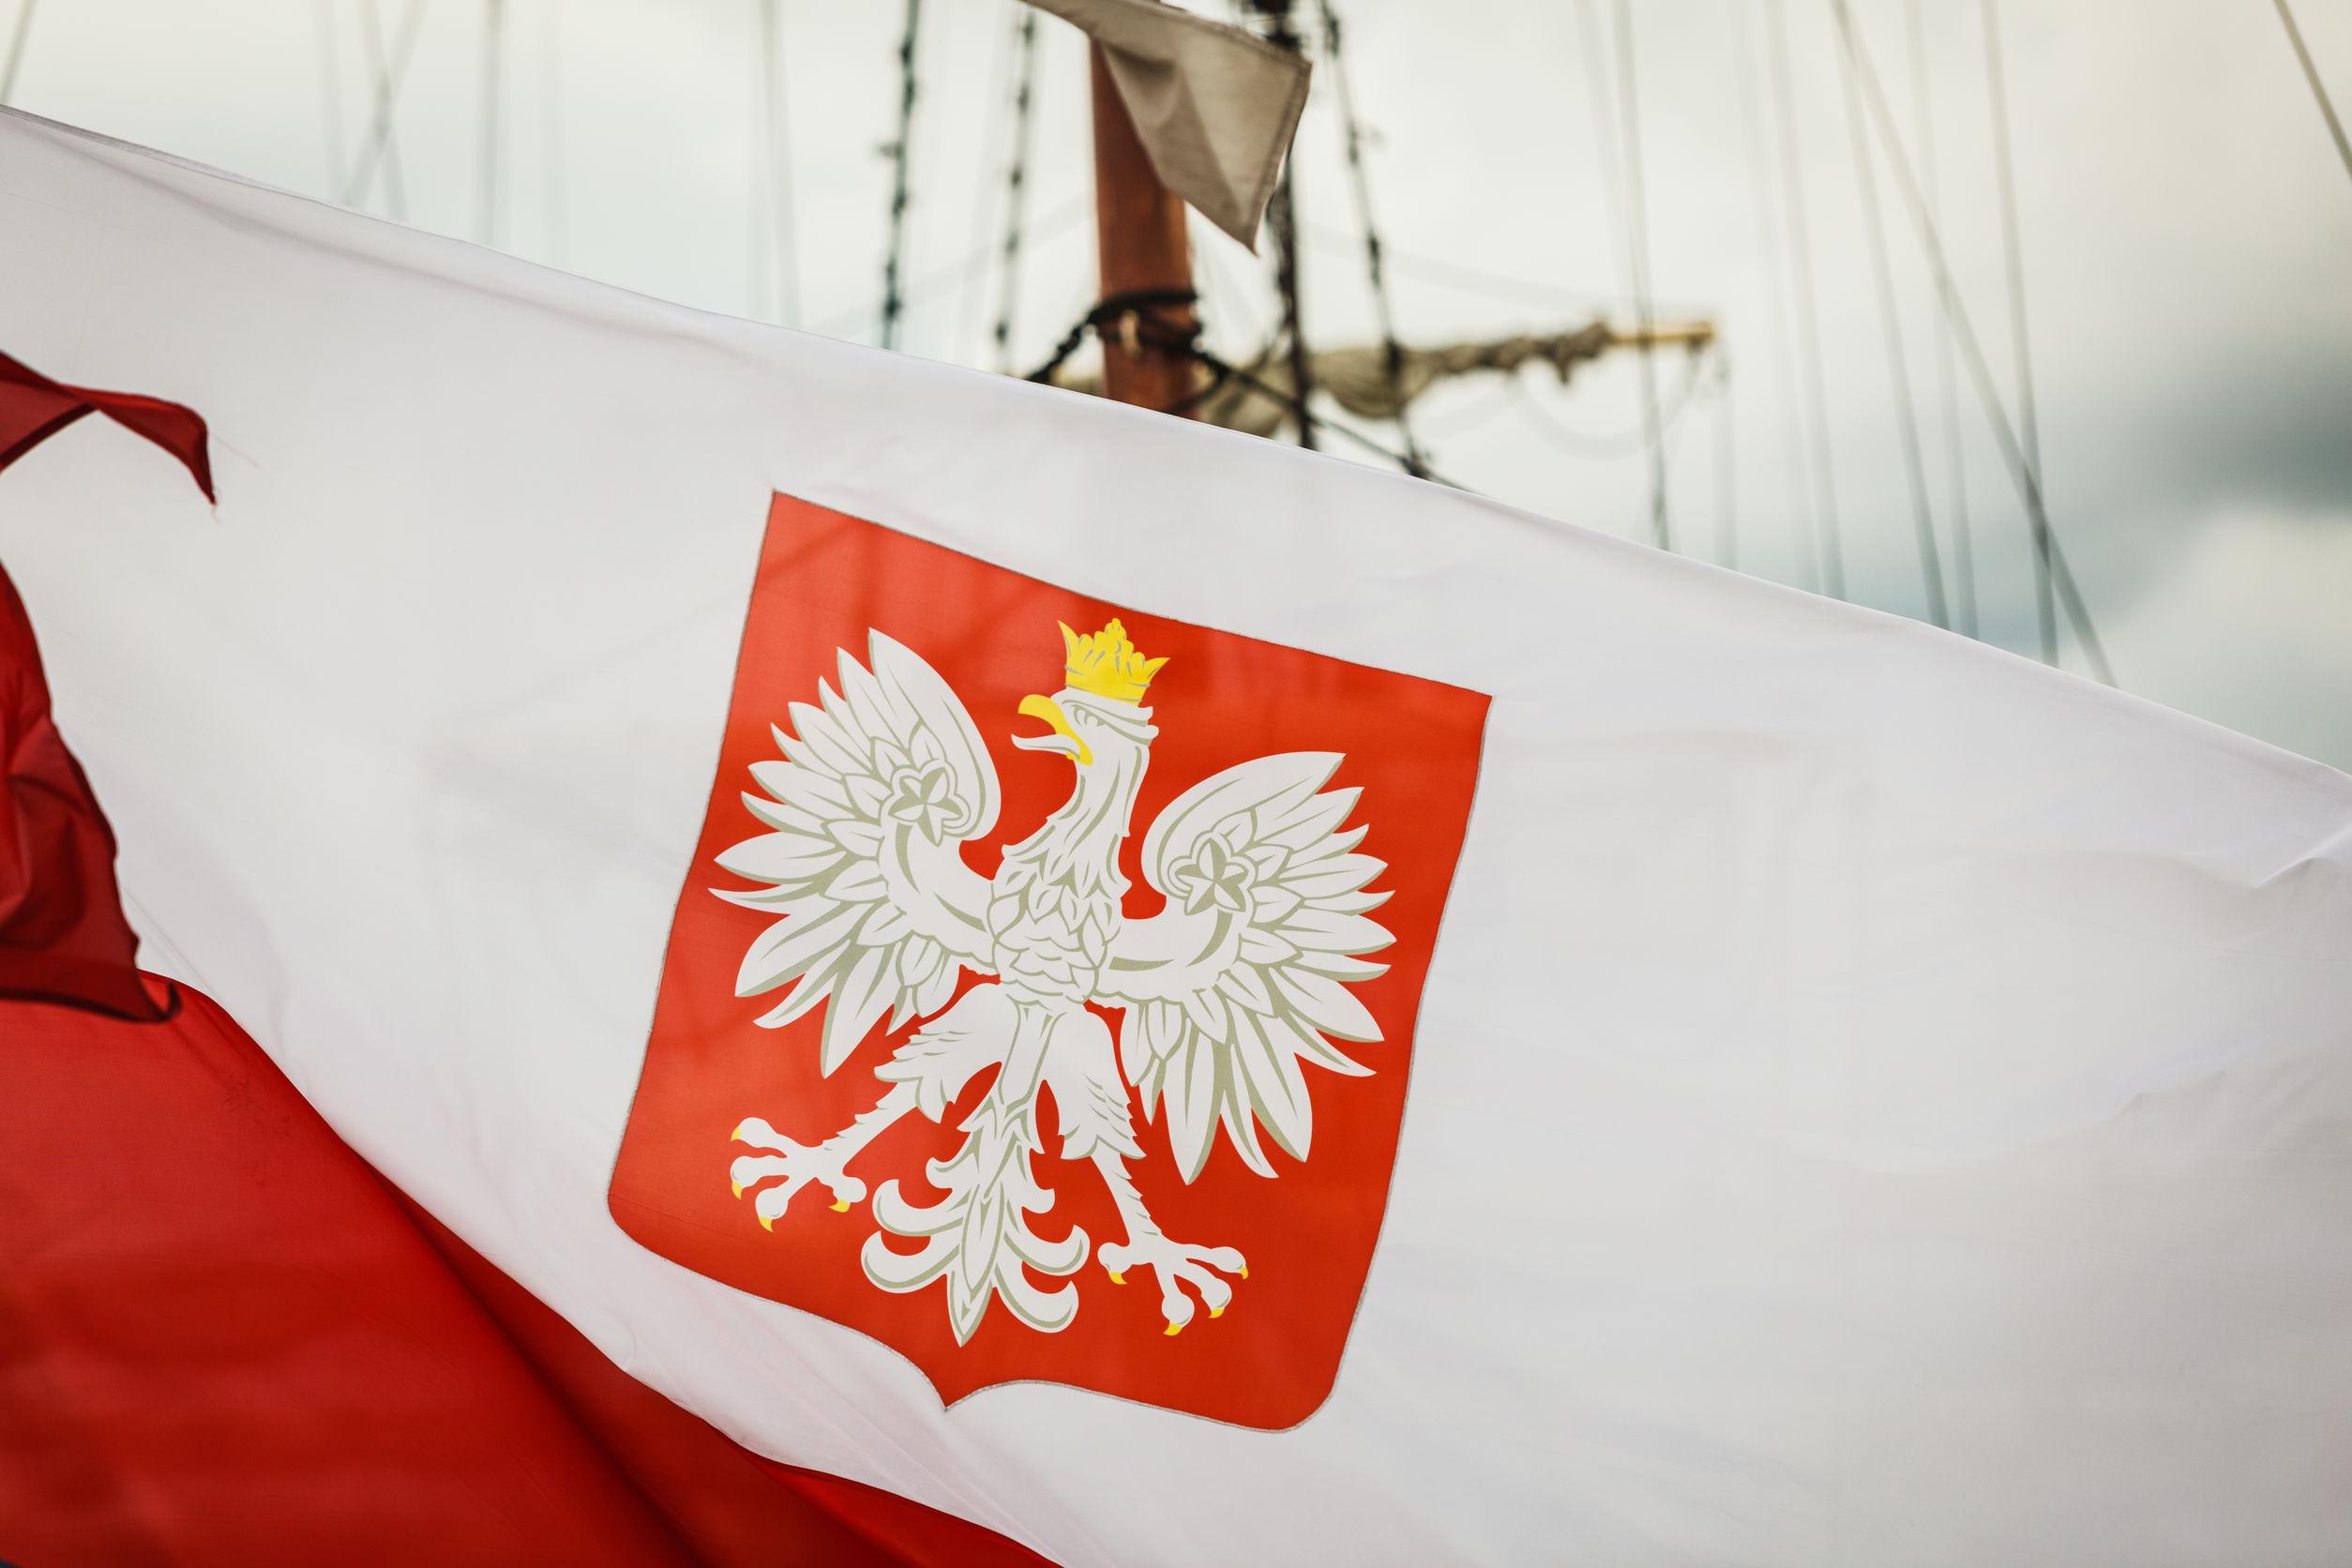 Okręt zwany Reprezentacją Polski pod wodzą nowego dowódcy - Jerzy Brzęczek na stanowisku selekcjonera